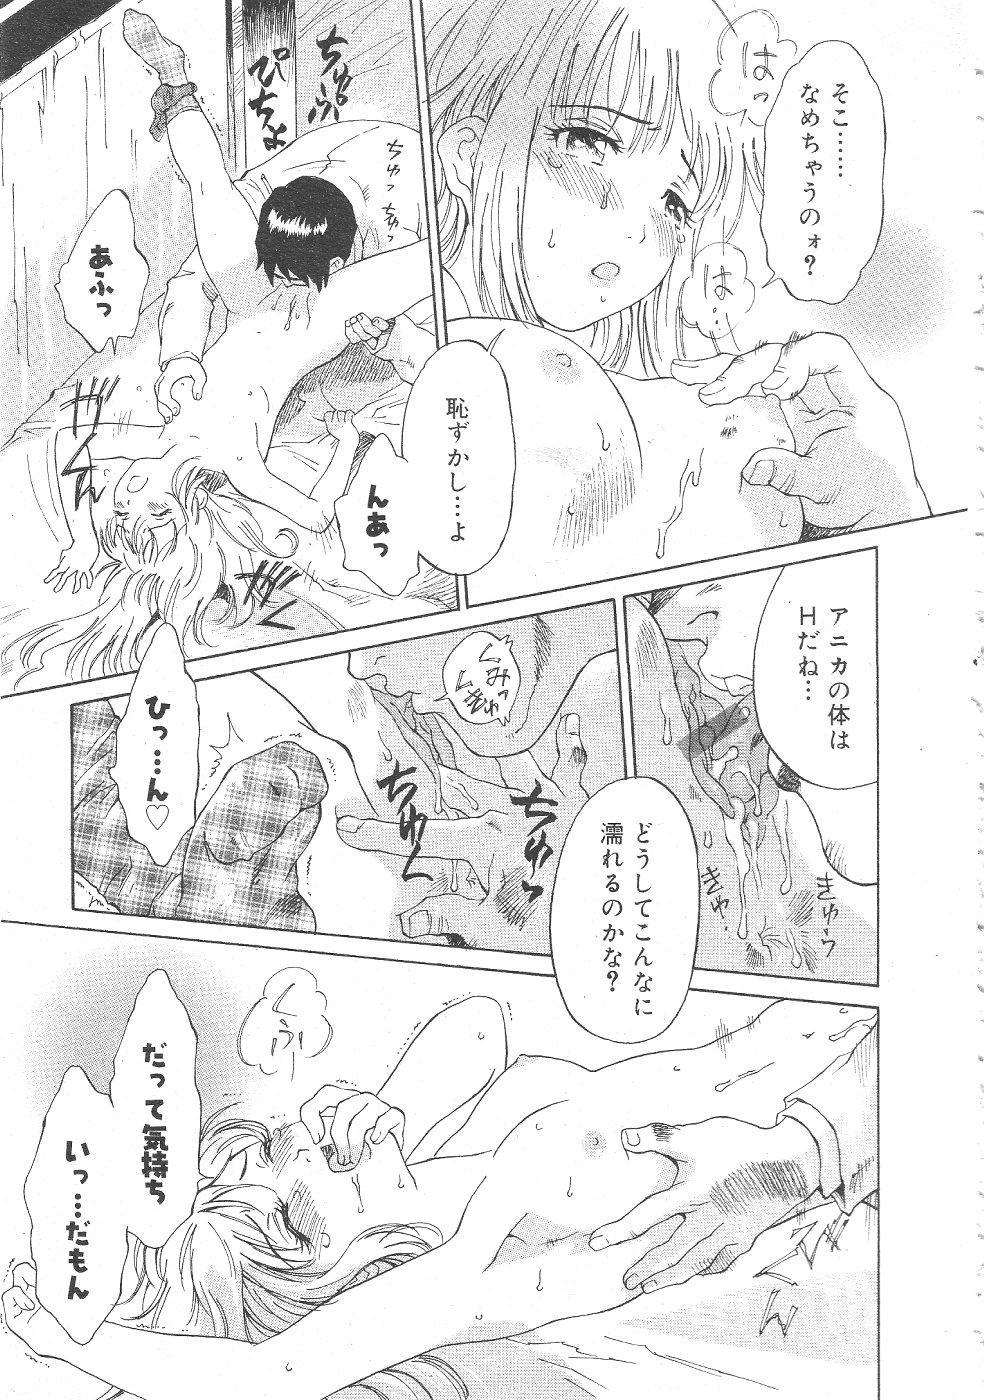 Gekkan Comic Muga 2004-06 Vol.10 222